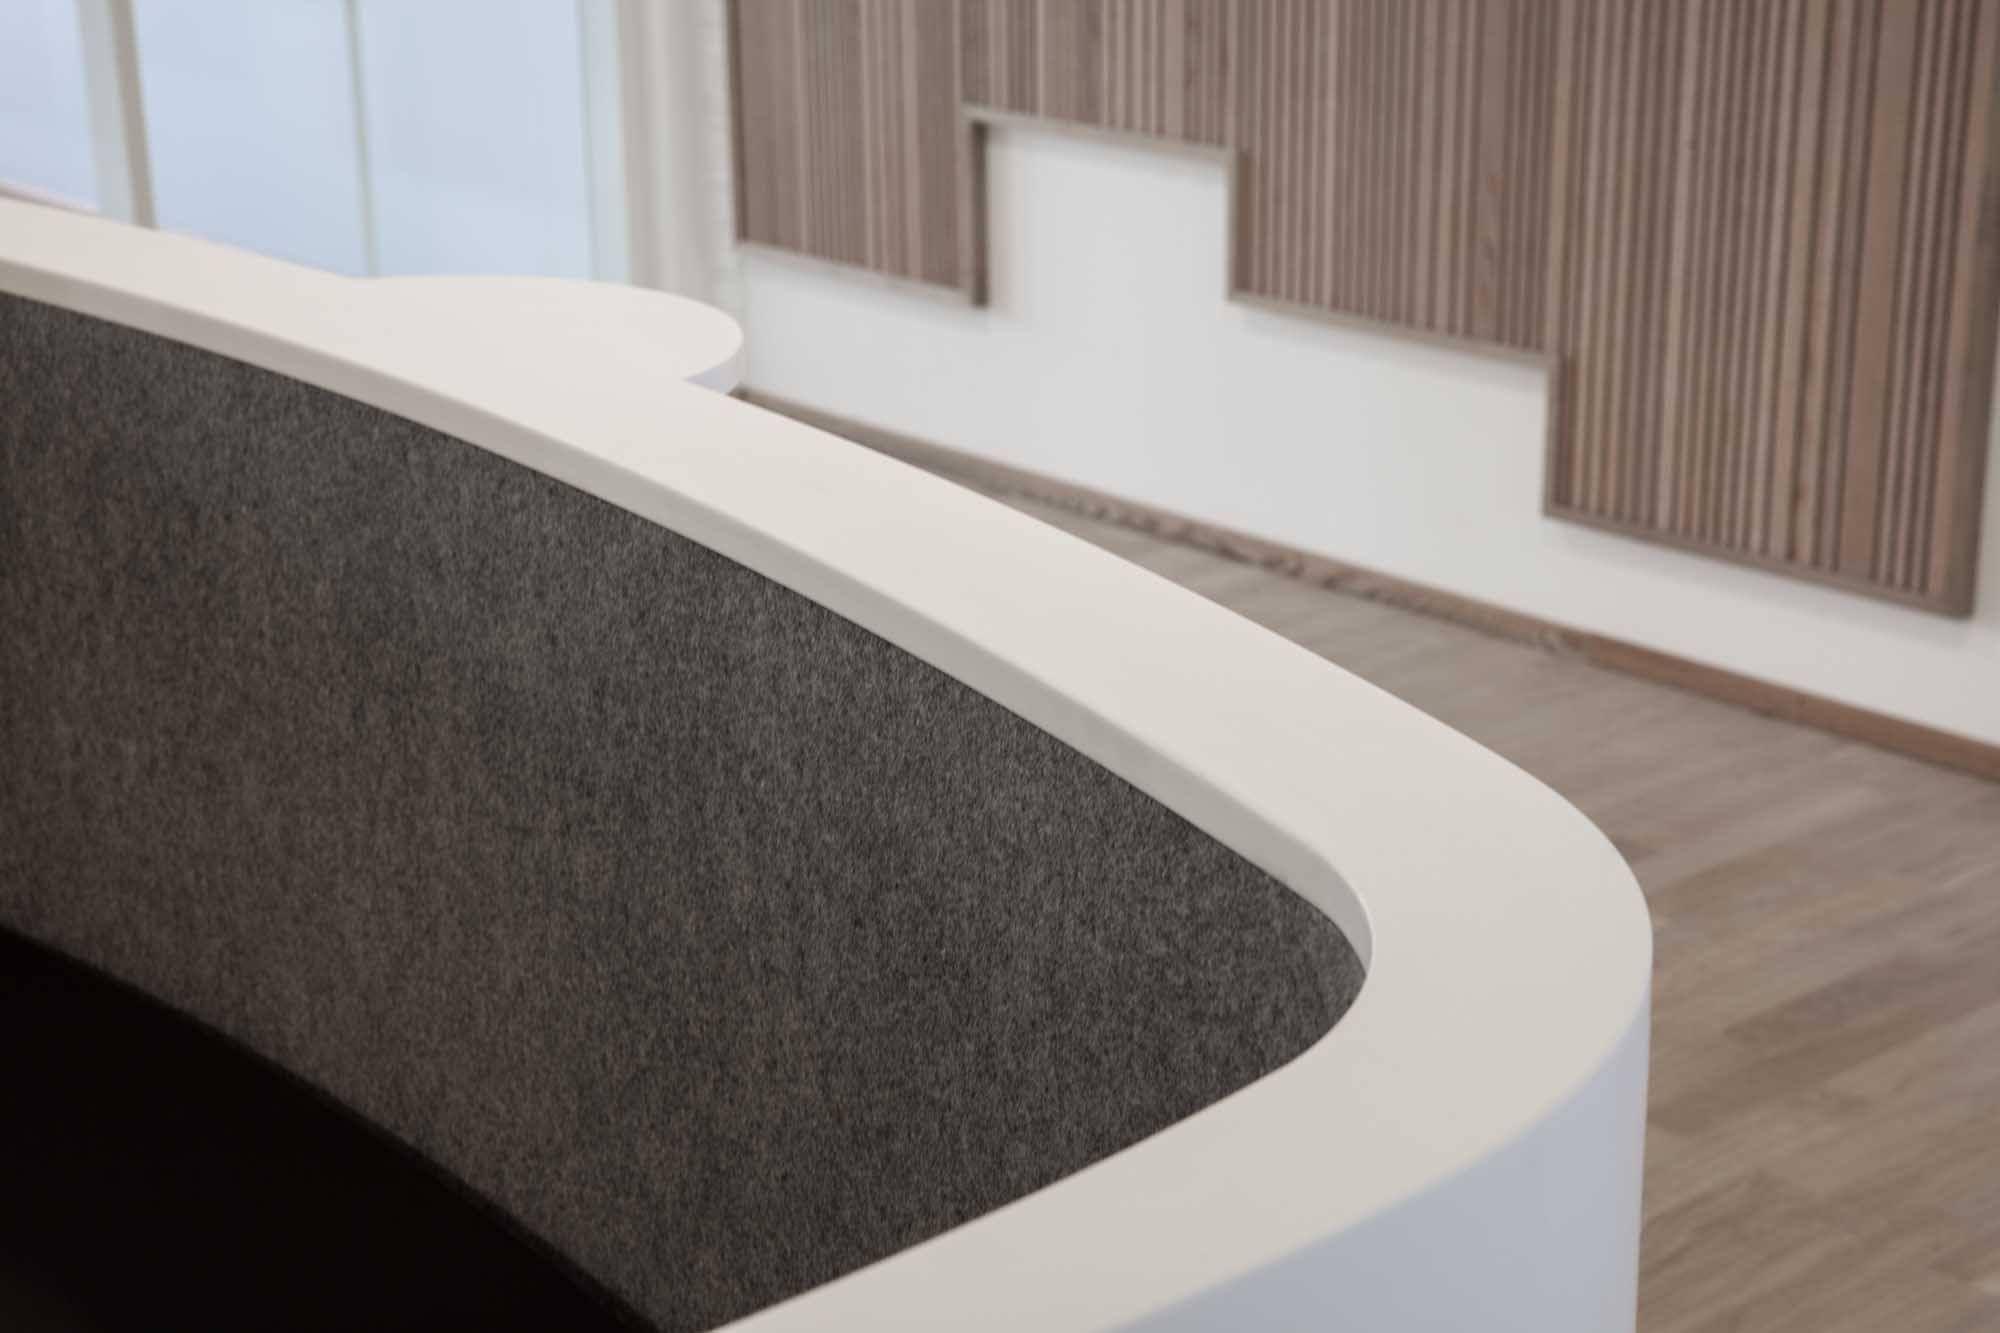 Home gt reception desks gt 8 curved maple glass top reception desk - Impact Reception Desk In Corian Receptionsdisk I Corian Curved Reception Desk Buet Receptionsdisk Curved Reception Deskreception Desksreceptions